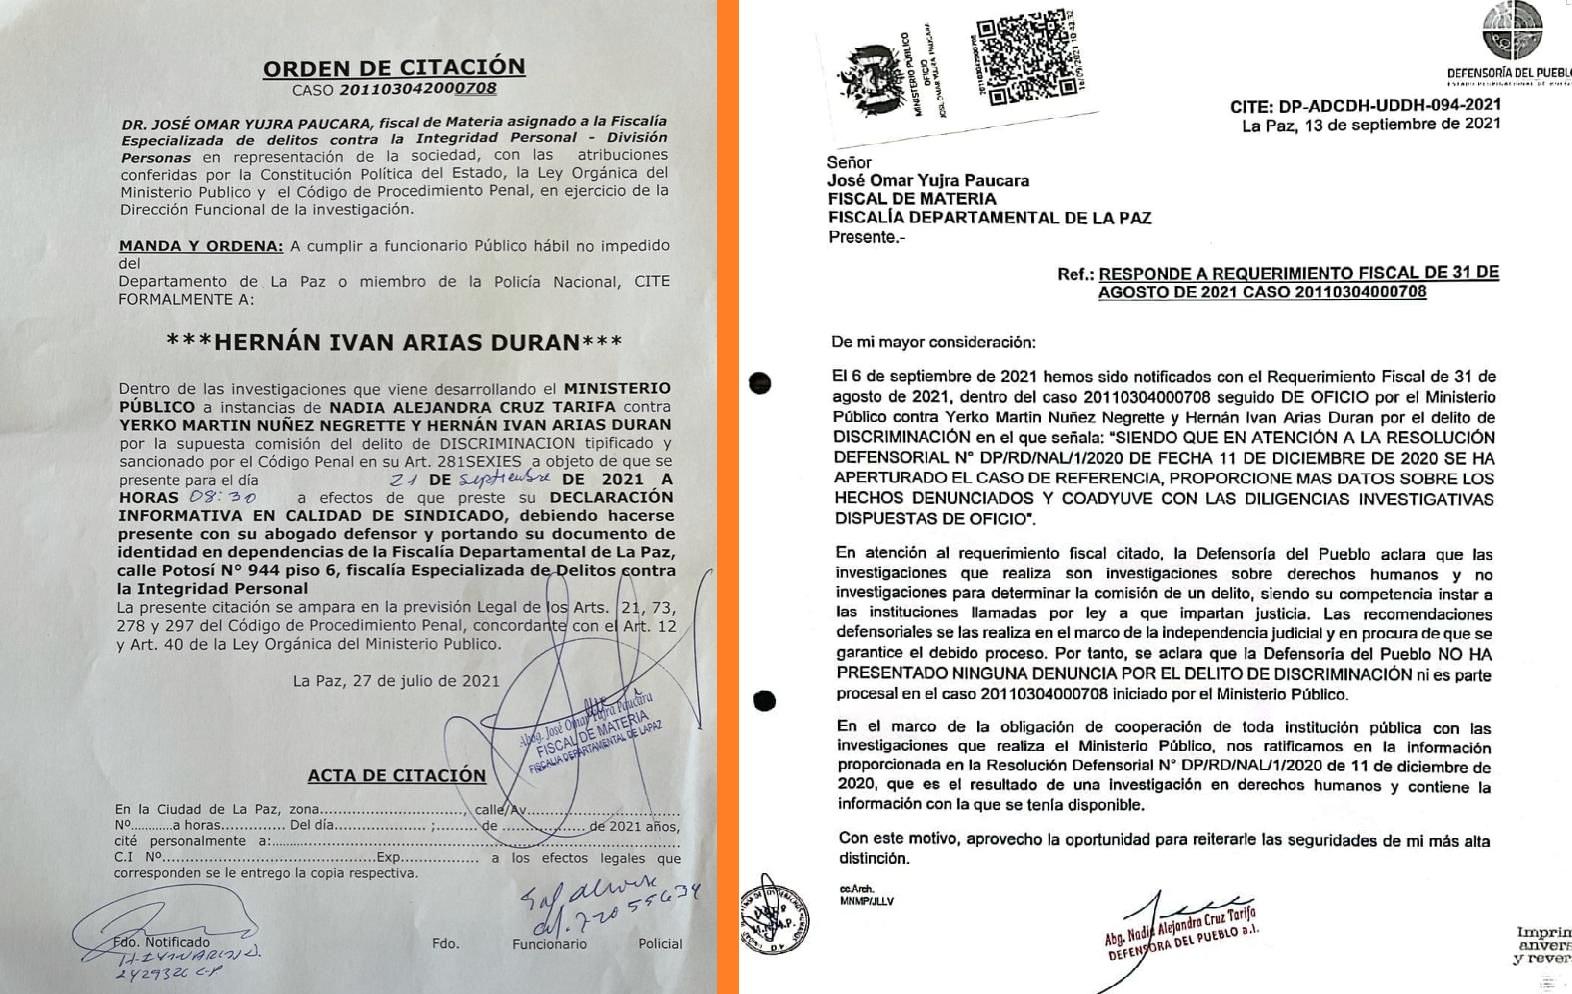 La notificación de la Fiscalía y la aclaración de la Defensoría que le contradice / RRSS